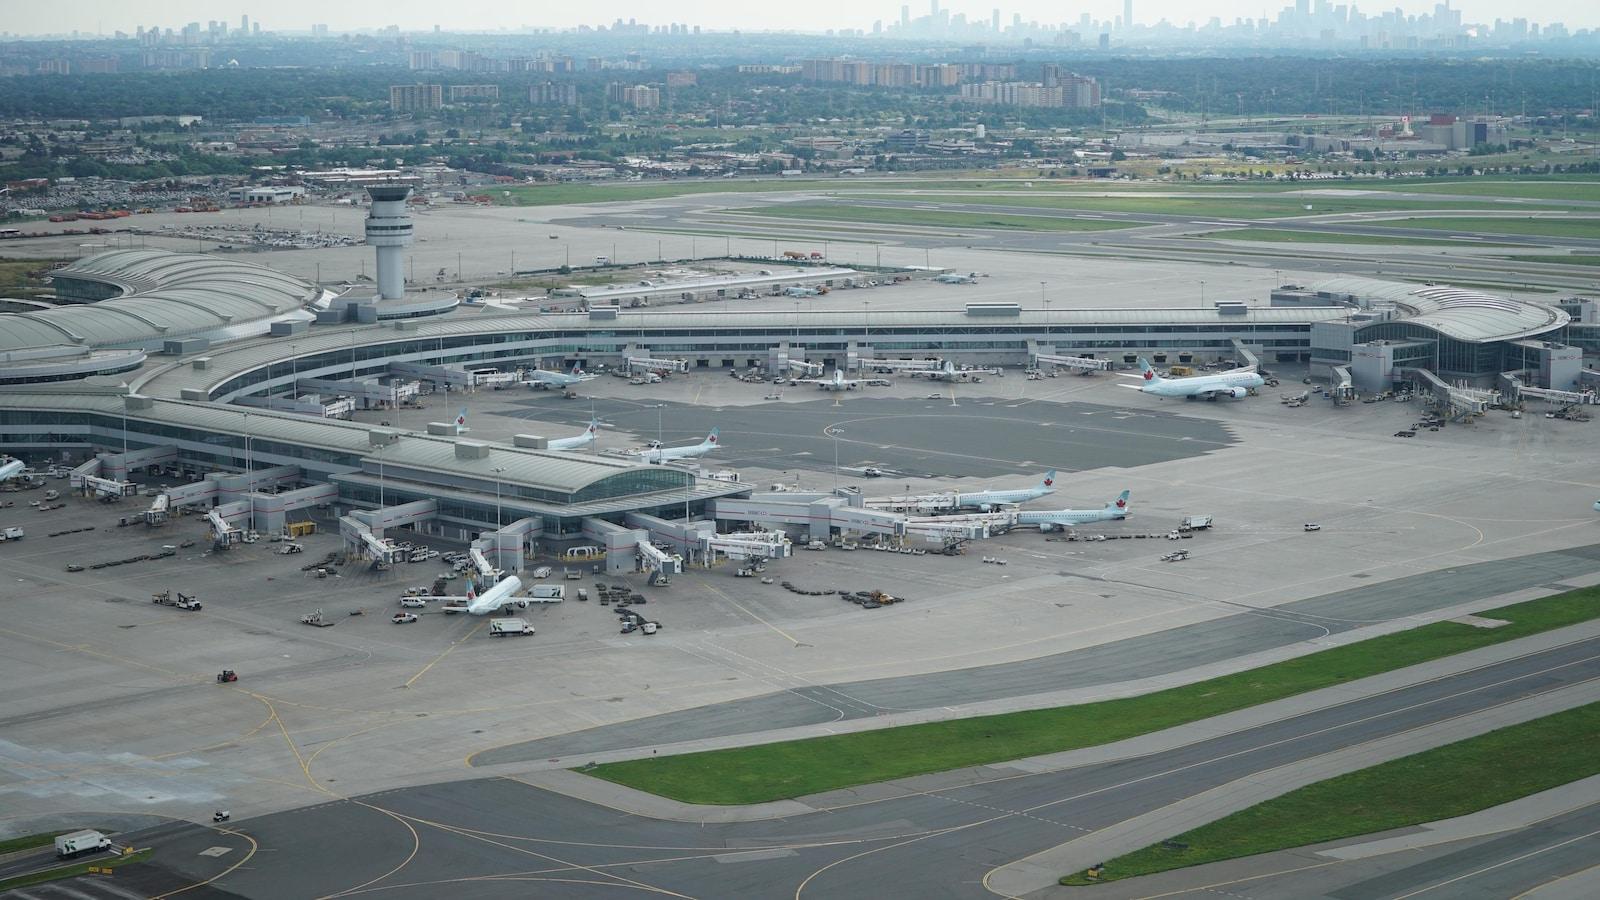 aéroport pearson vue des airs